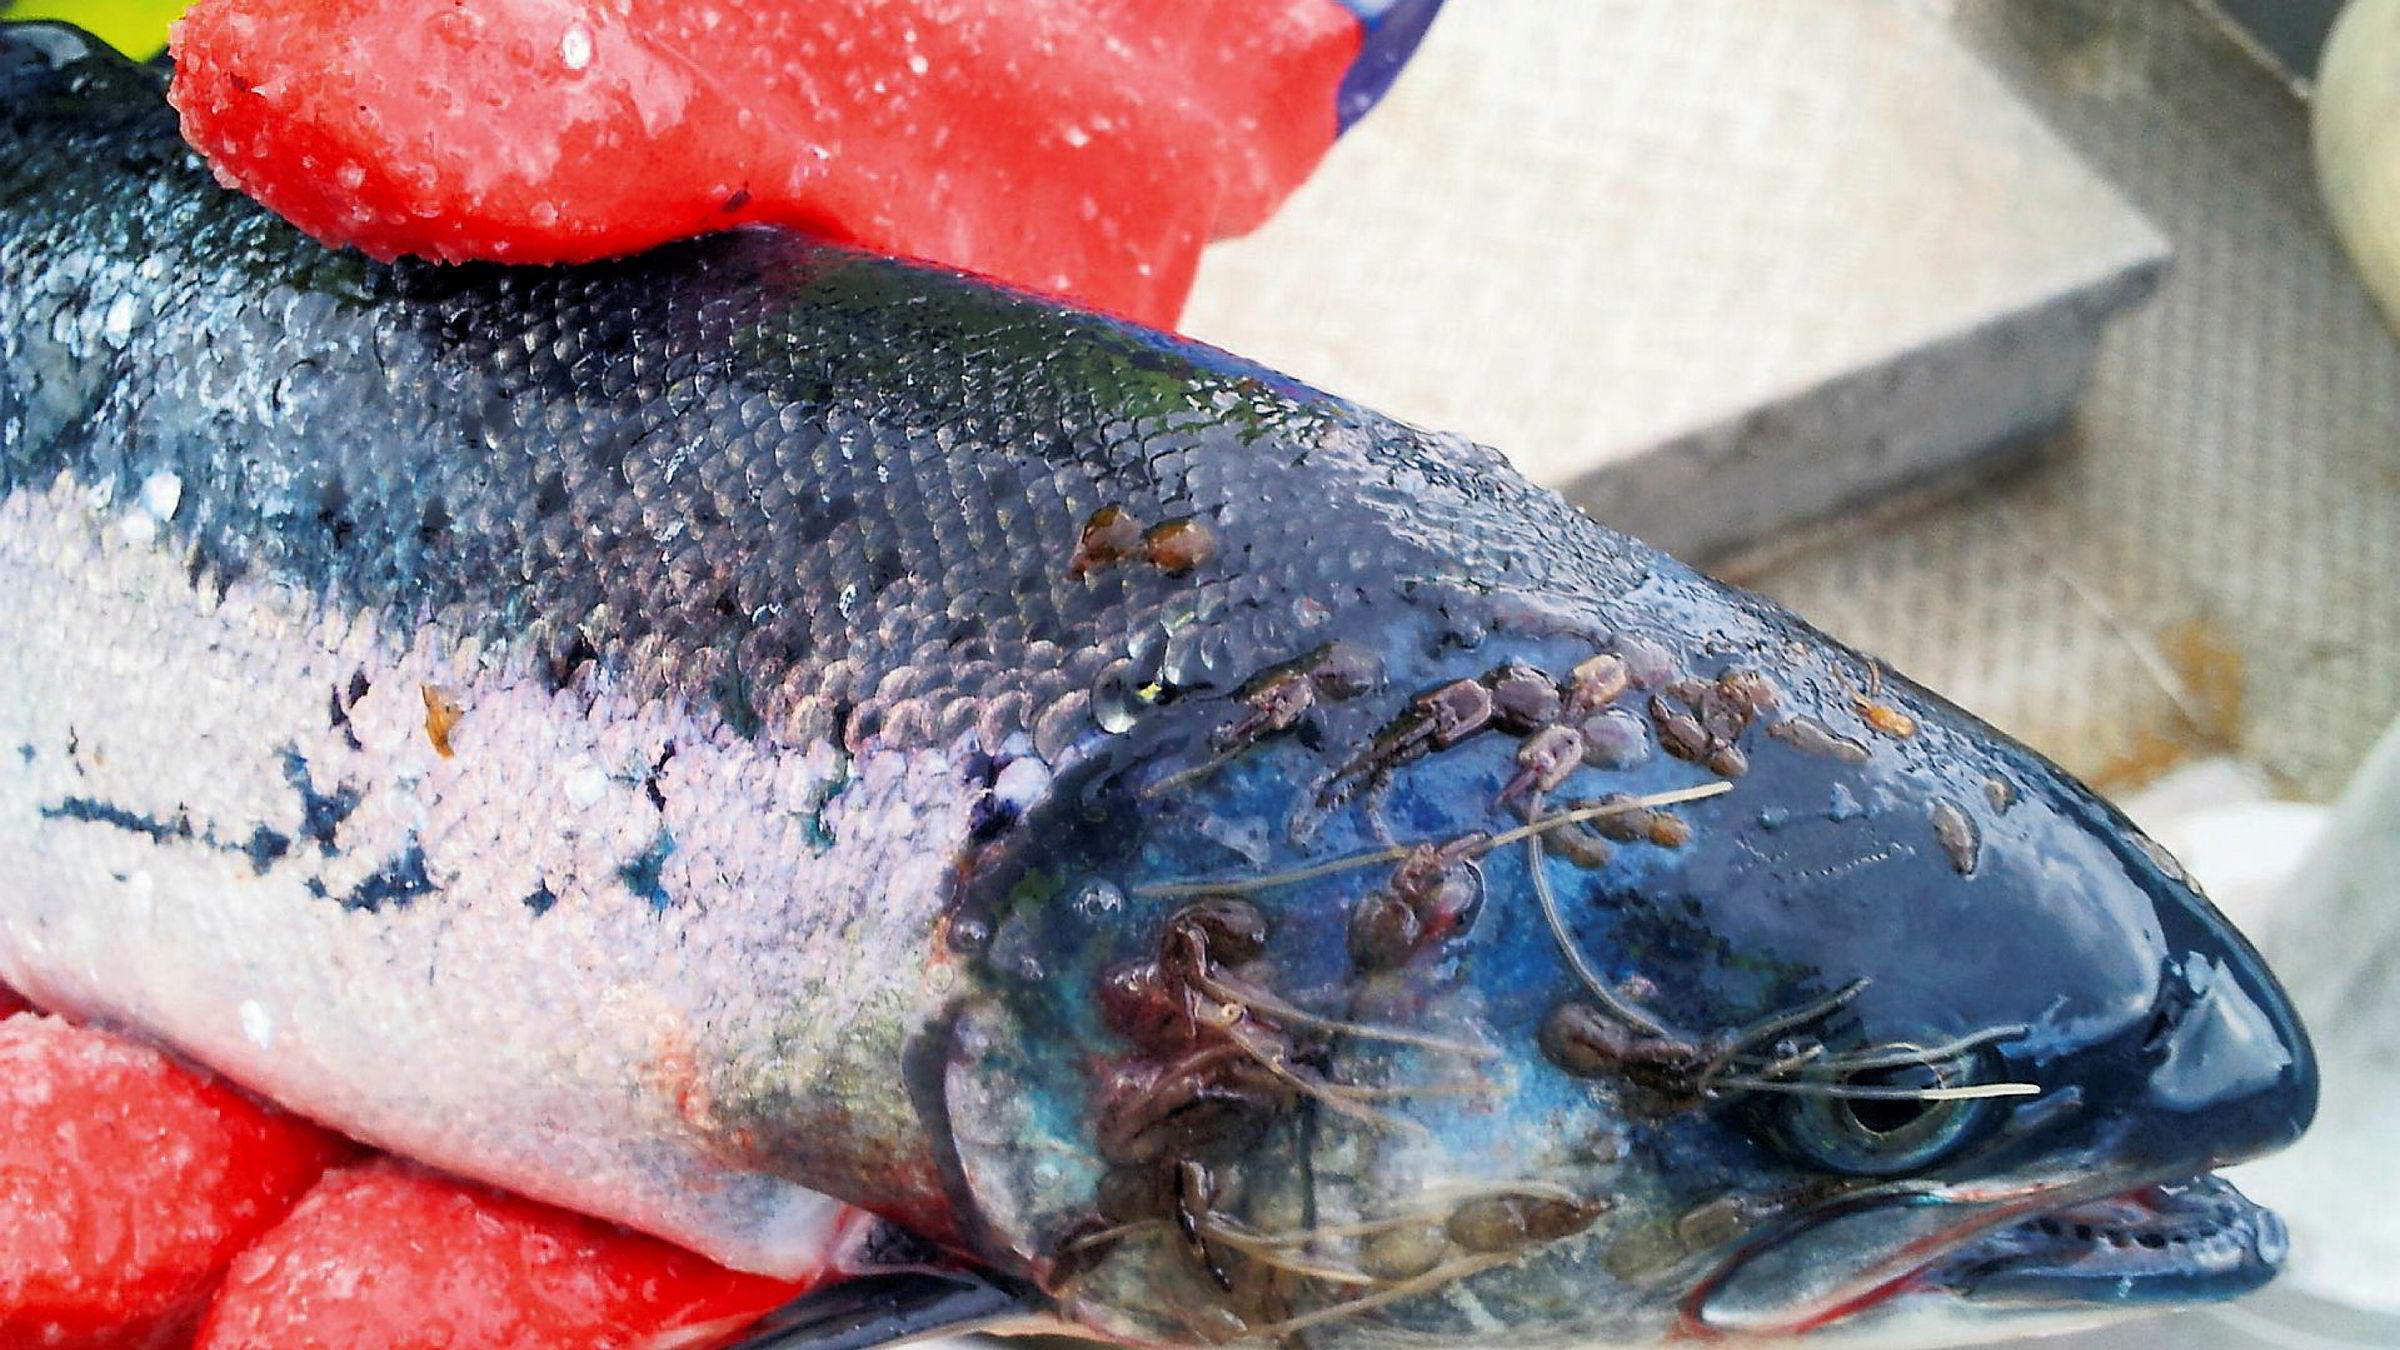 Store mengder lakselus (bildet), stadig nye alvorlige sykdommer og massedød preger den lukrative oppdrettsnæringen. Og nå roper også Økokrim varsko.